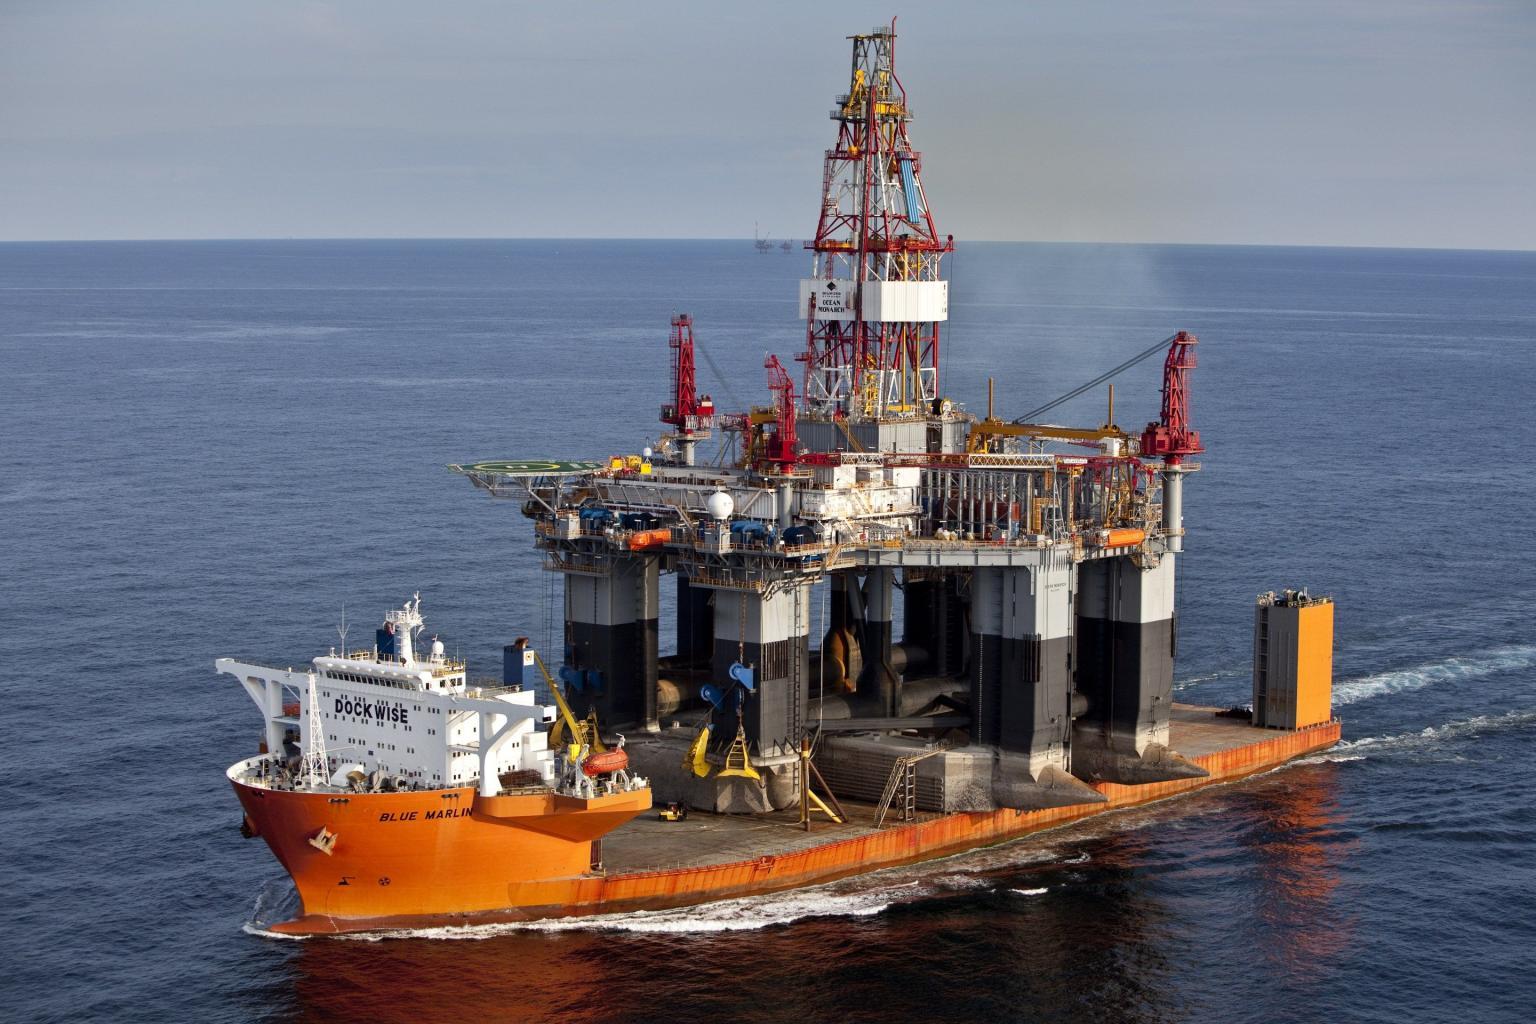 Cadastro de currículo em todas as funções na multinacional australiana de óleo e gás Worley